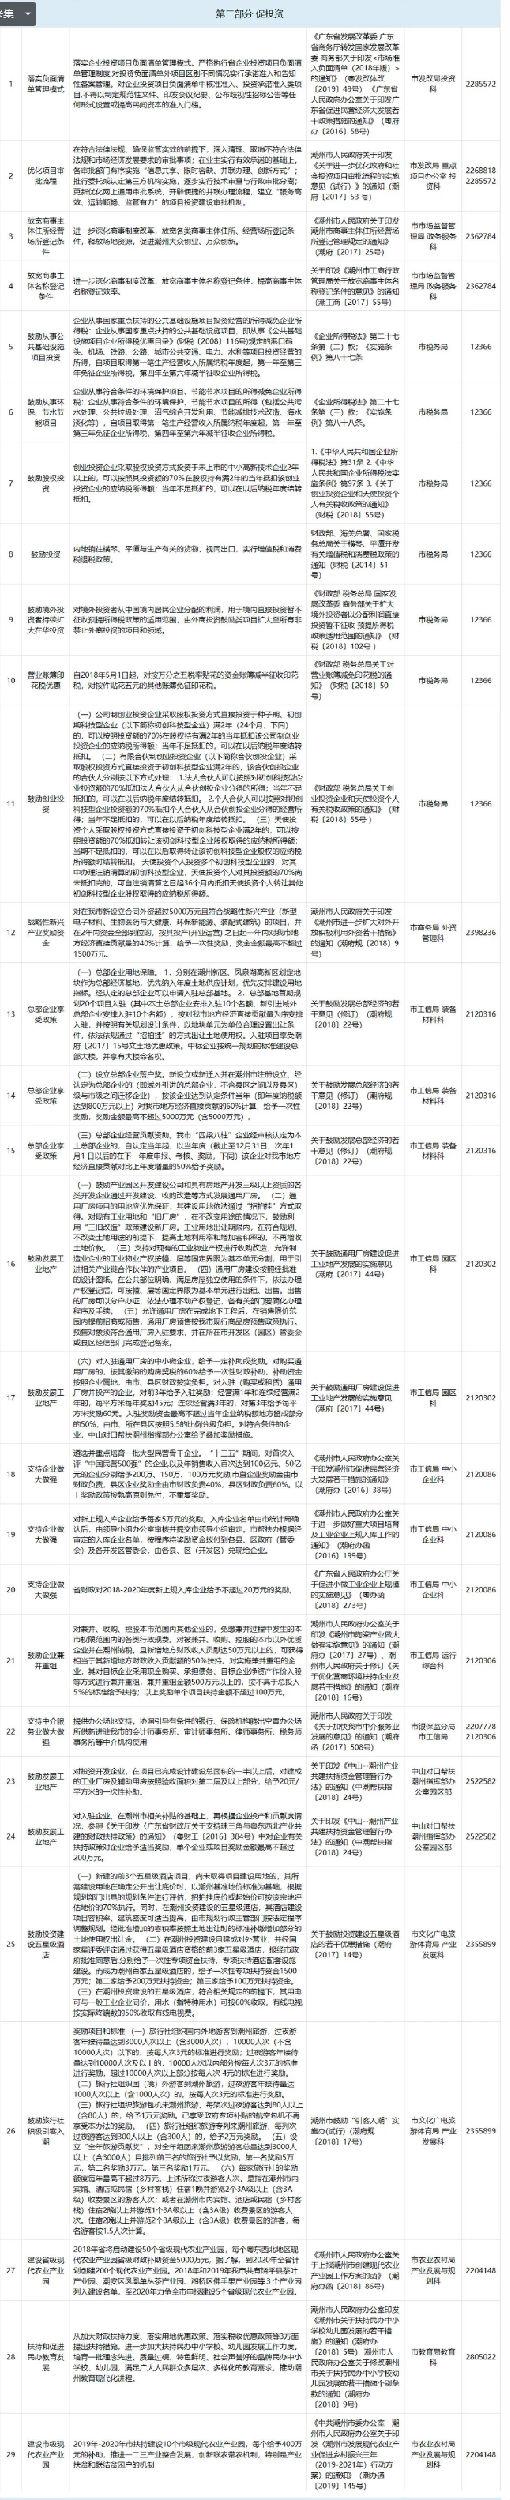 潮州市:贯标奖励6万,高新认定奖励20万,专利资助1万